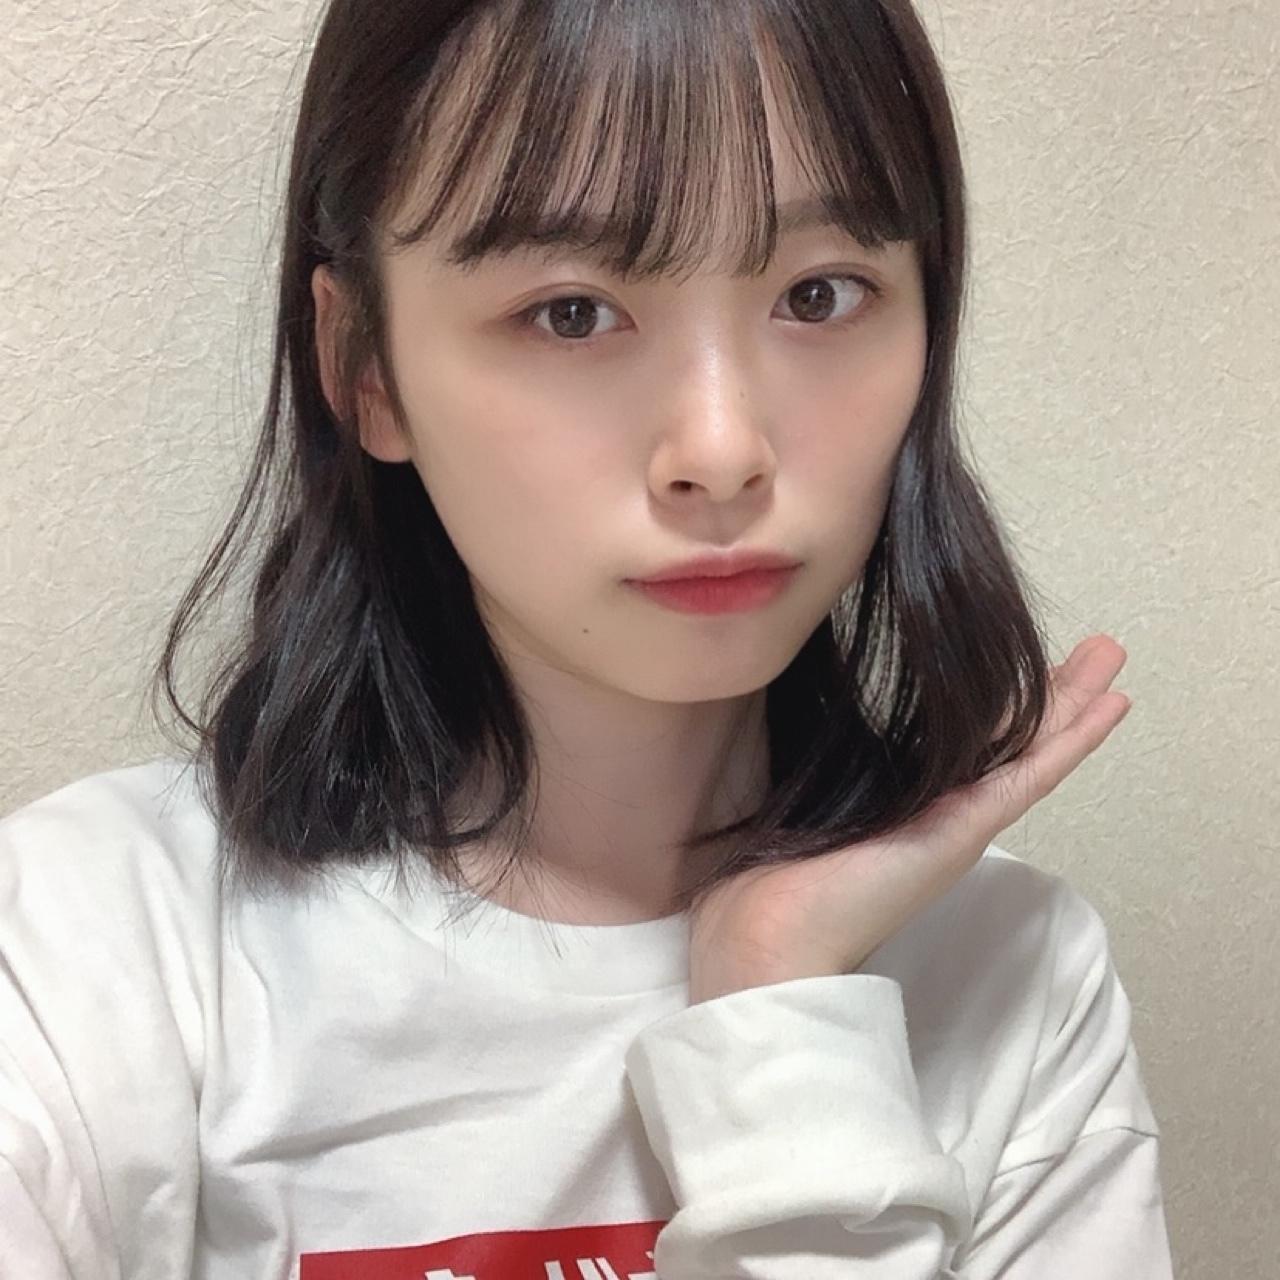 日 向坂 46 公式 ブログ